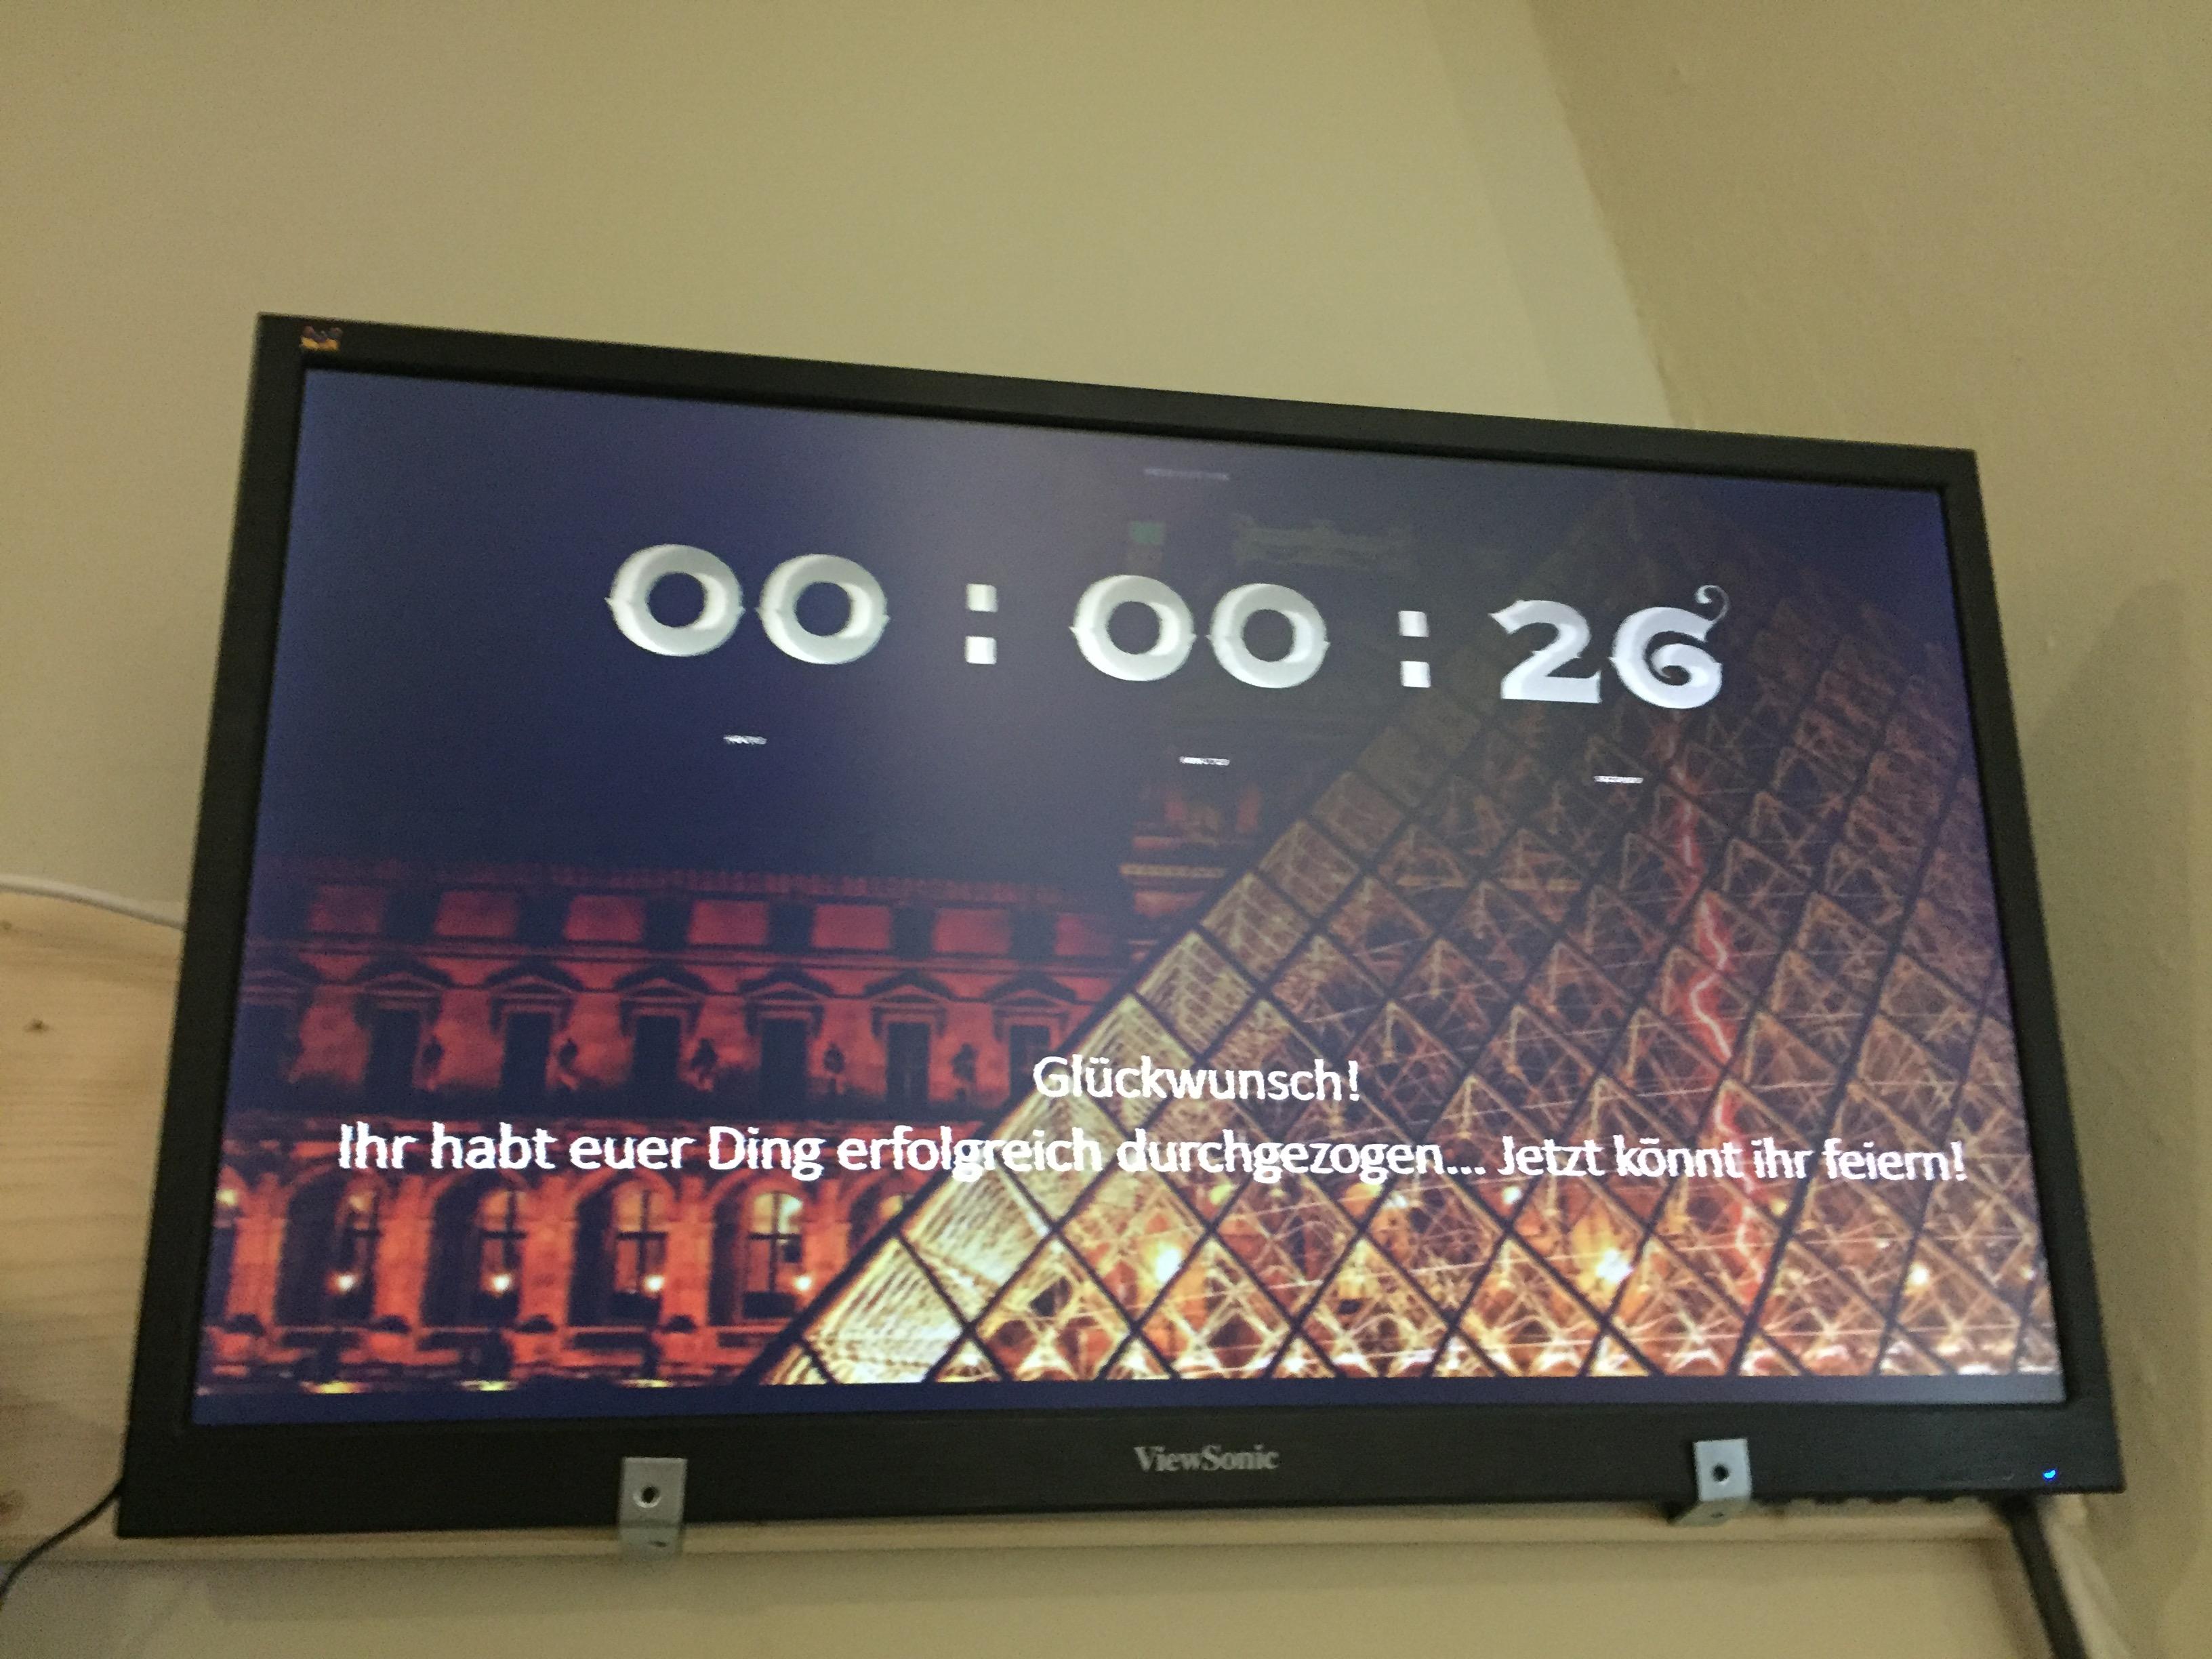 Unser Team war in drei Gruppen verteilt. Zwei schafften es, die Rätsel in 60 Minuten zu knacken.